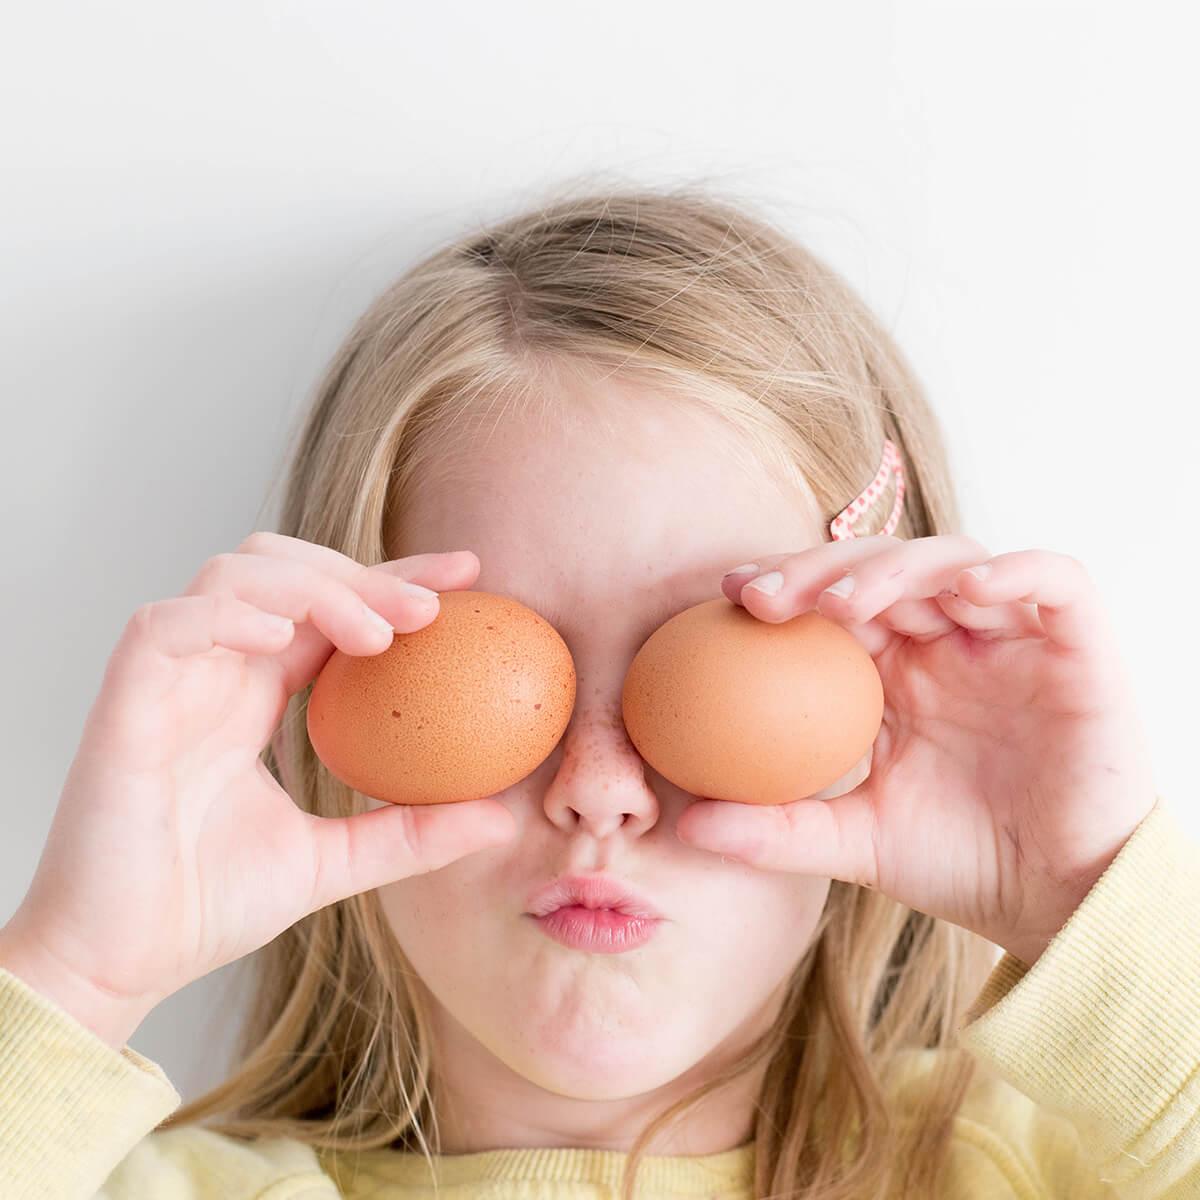 حساسیت به تخم مرغ در کودکان